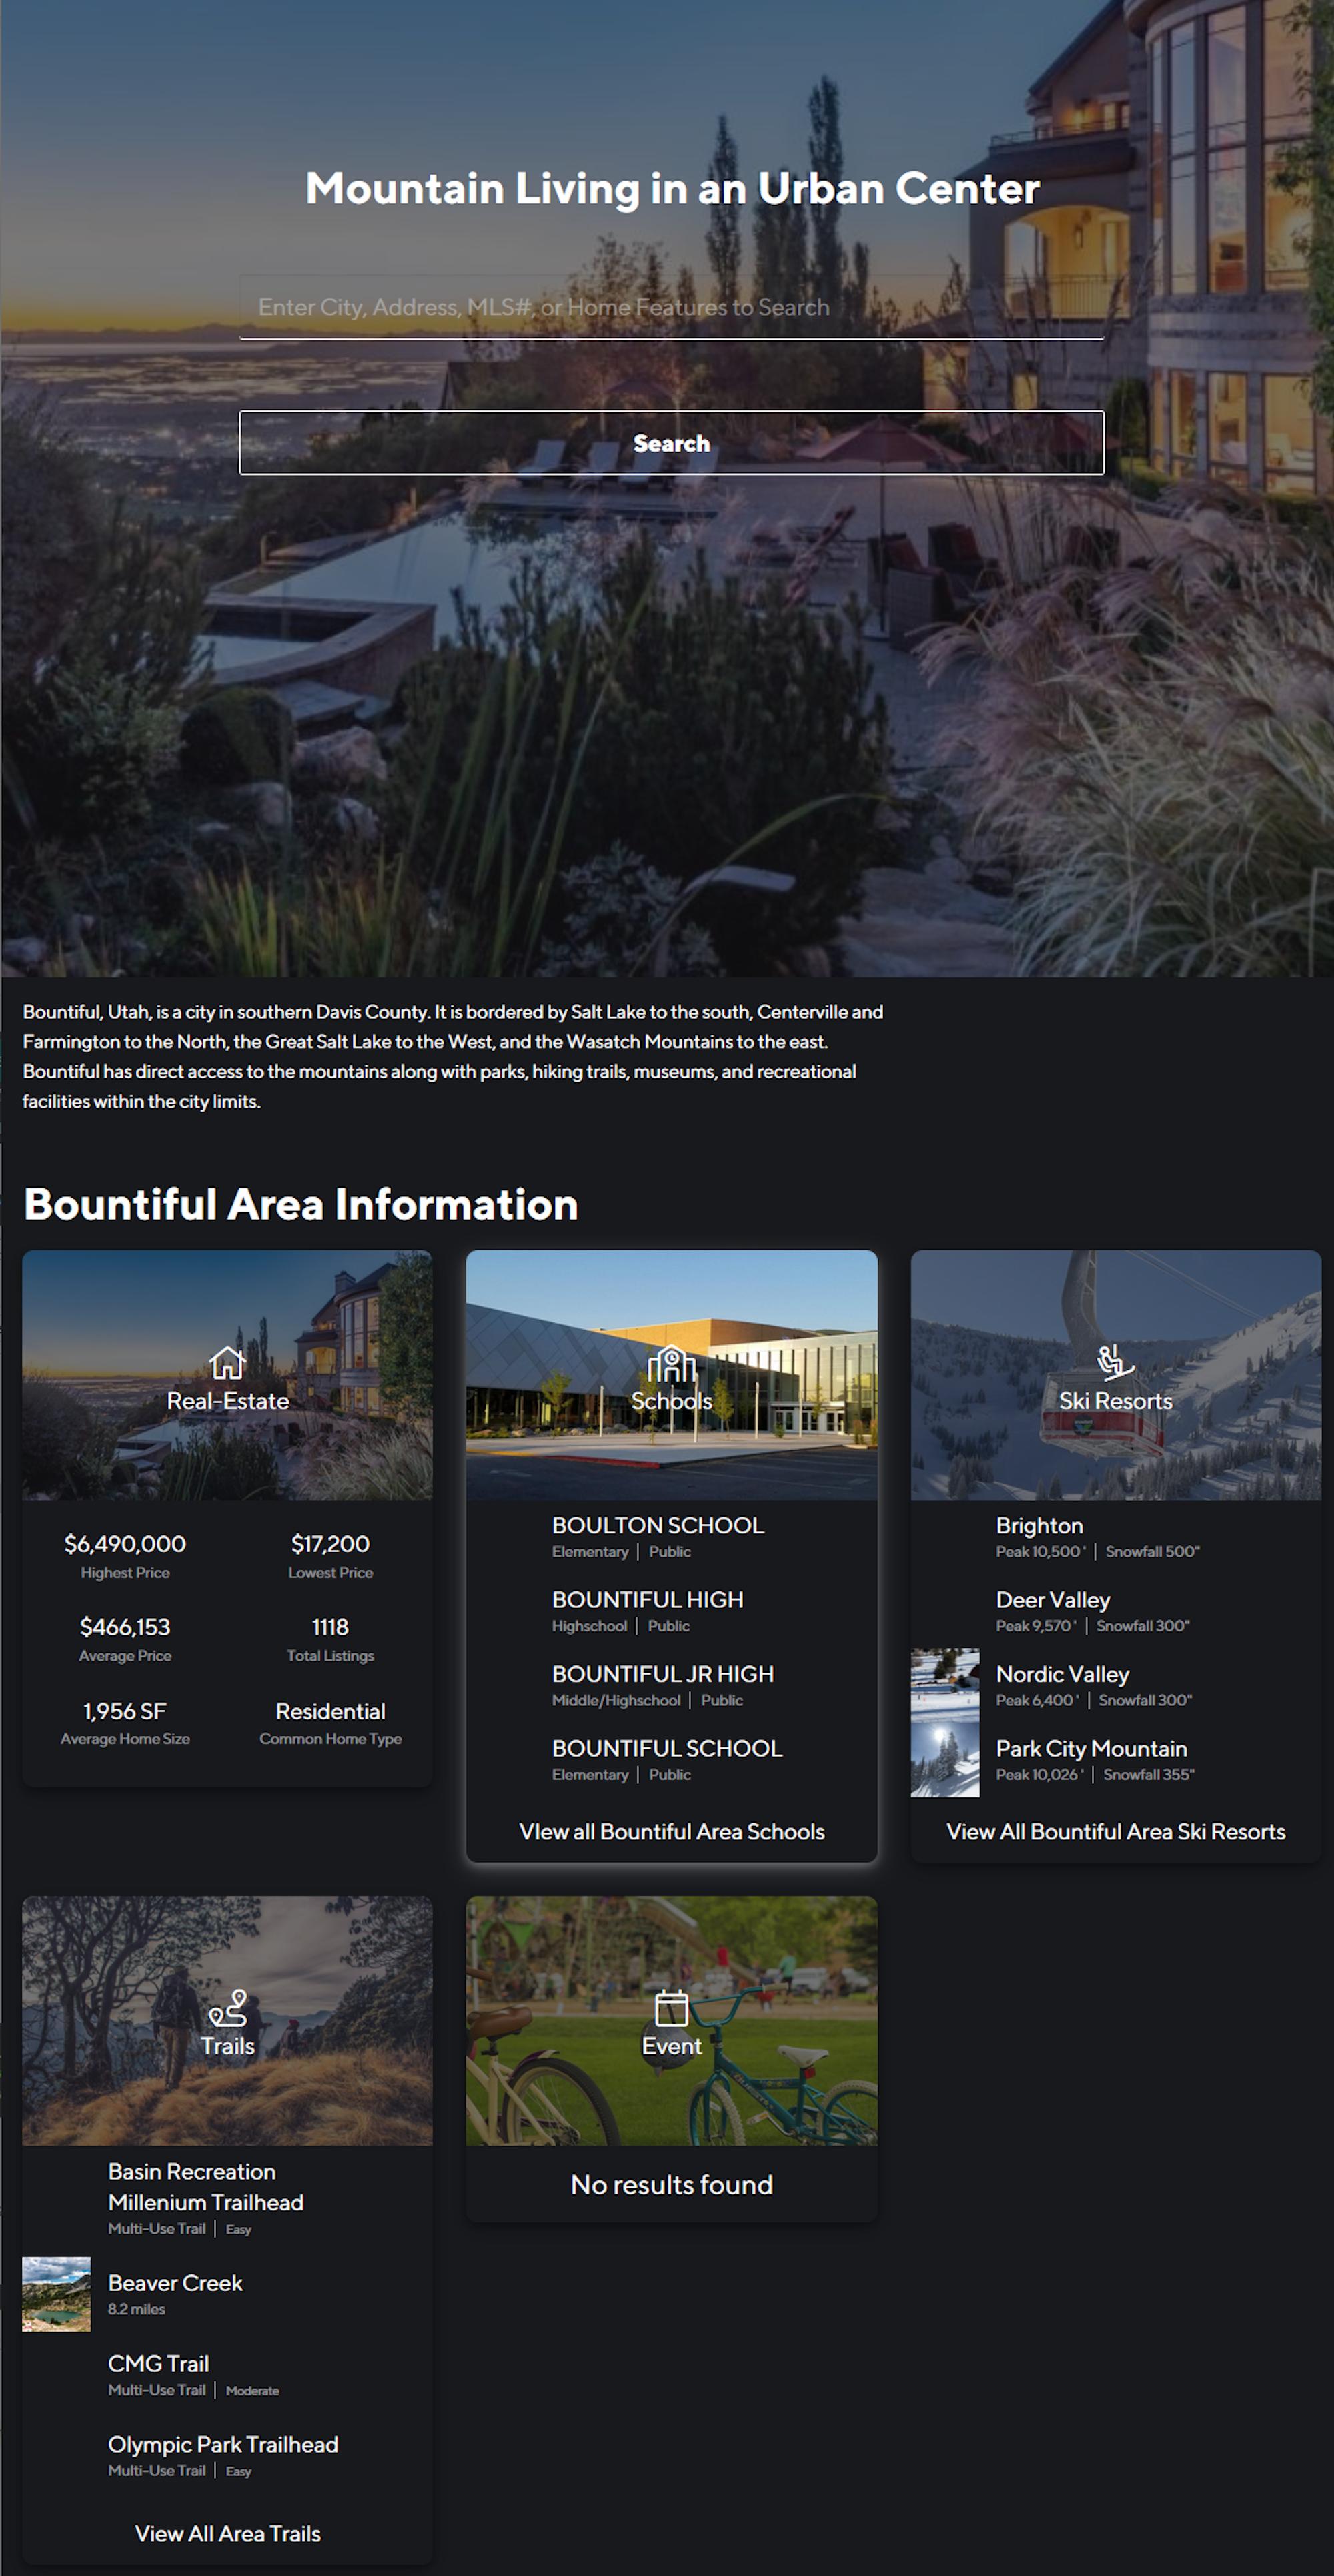 Compass Screenshot: Mountain Living in the City (Bountiful)